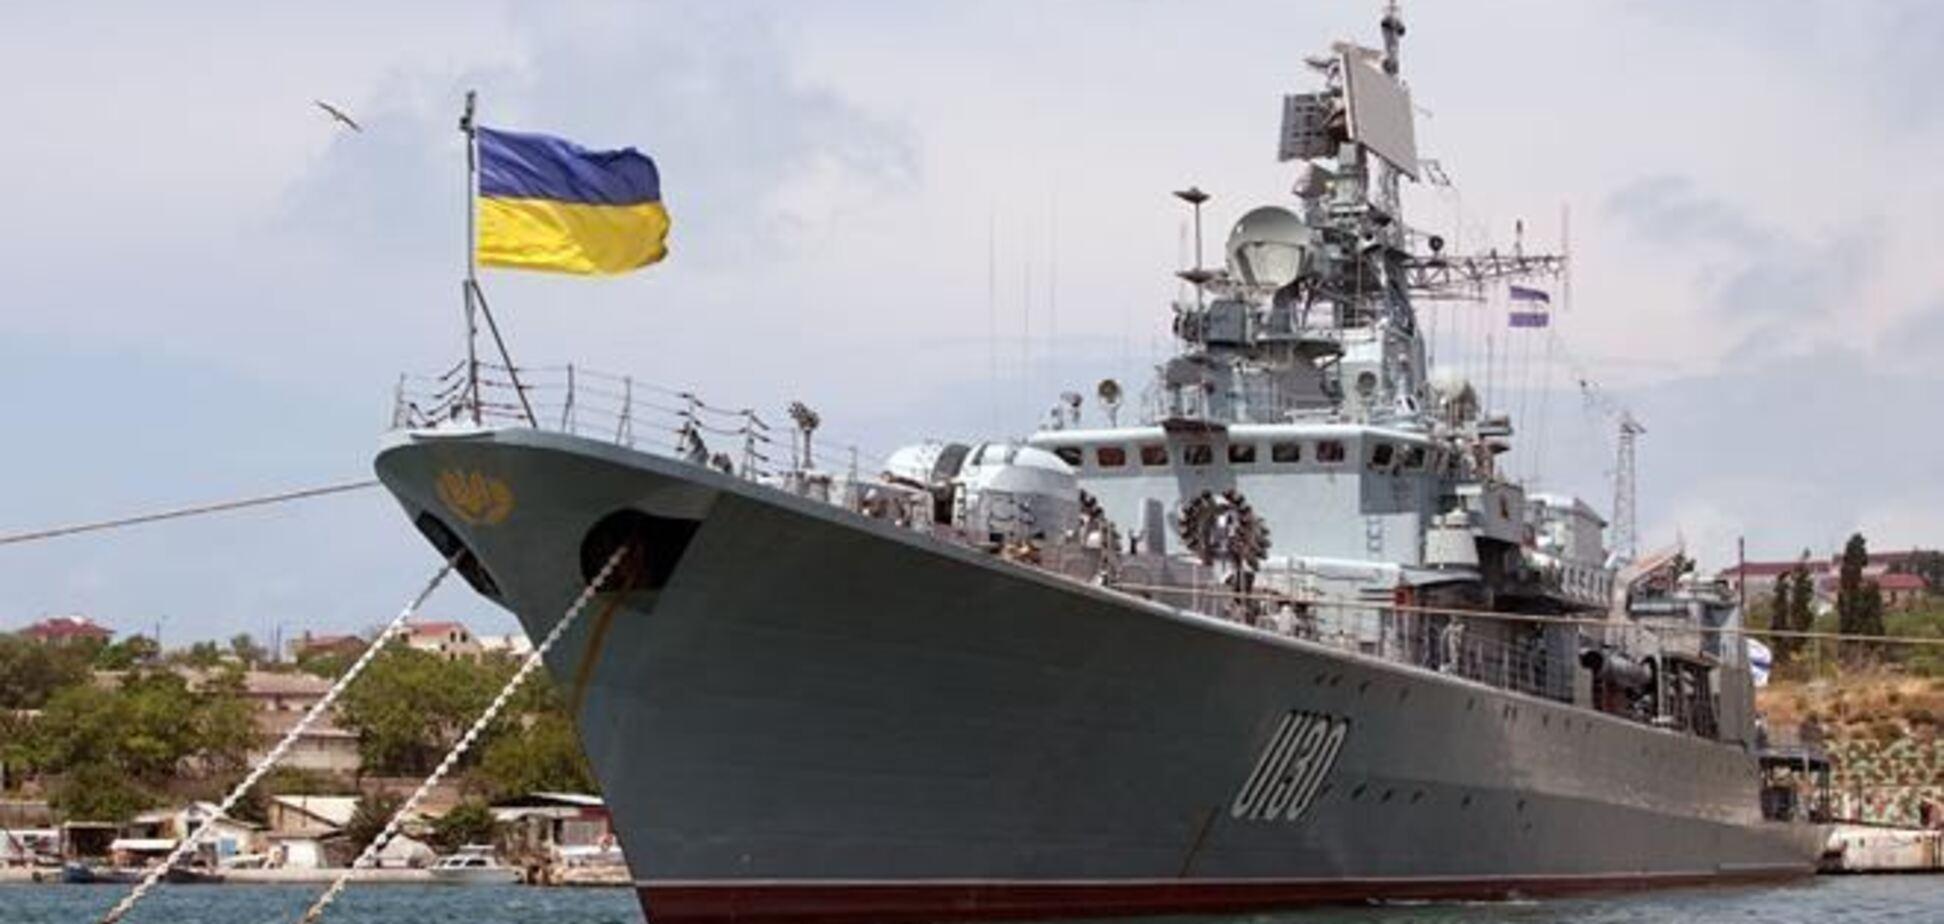 РФ передасть Україні ще п'ять кораблів з анексованого Криму